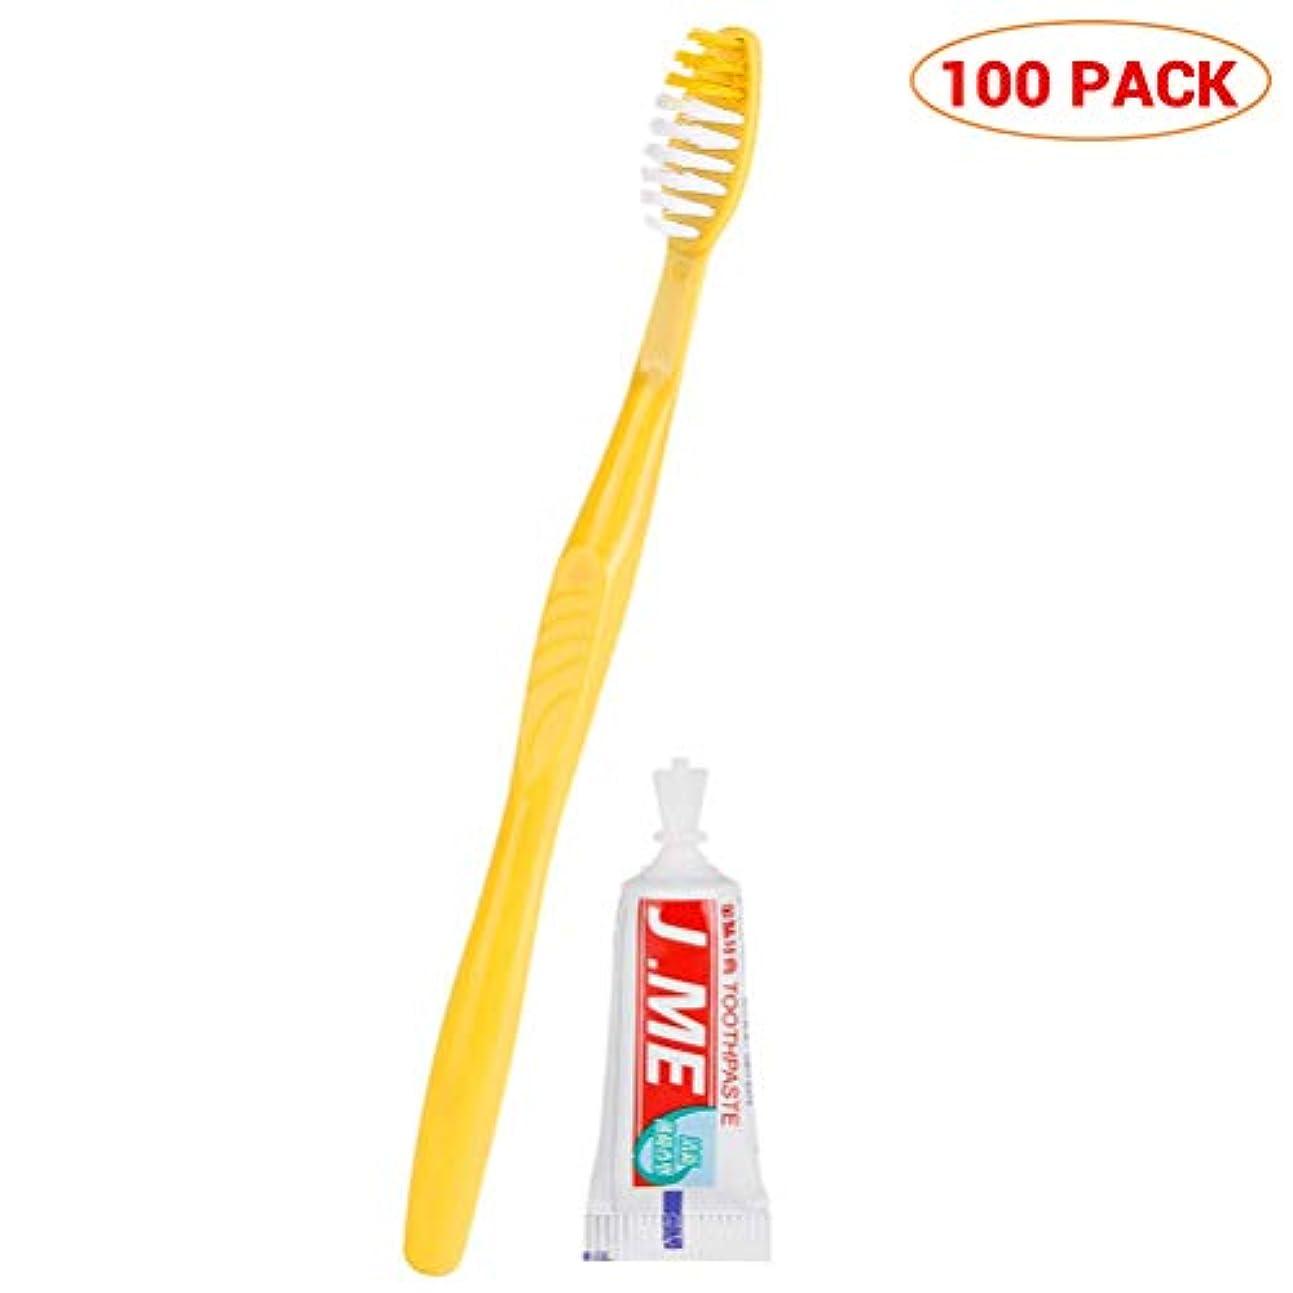 等しい価値テザー歯磨き粉付き使い捨て歯ブラシ、100パック